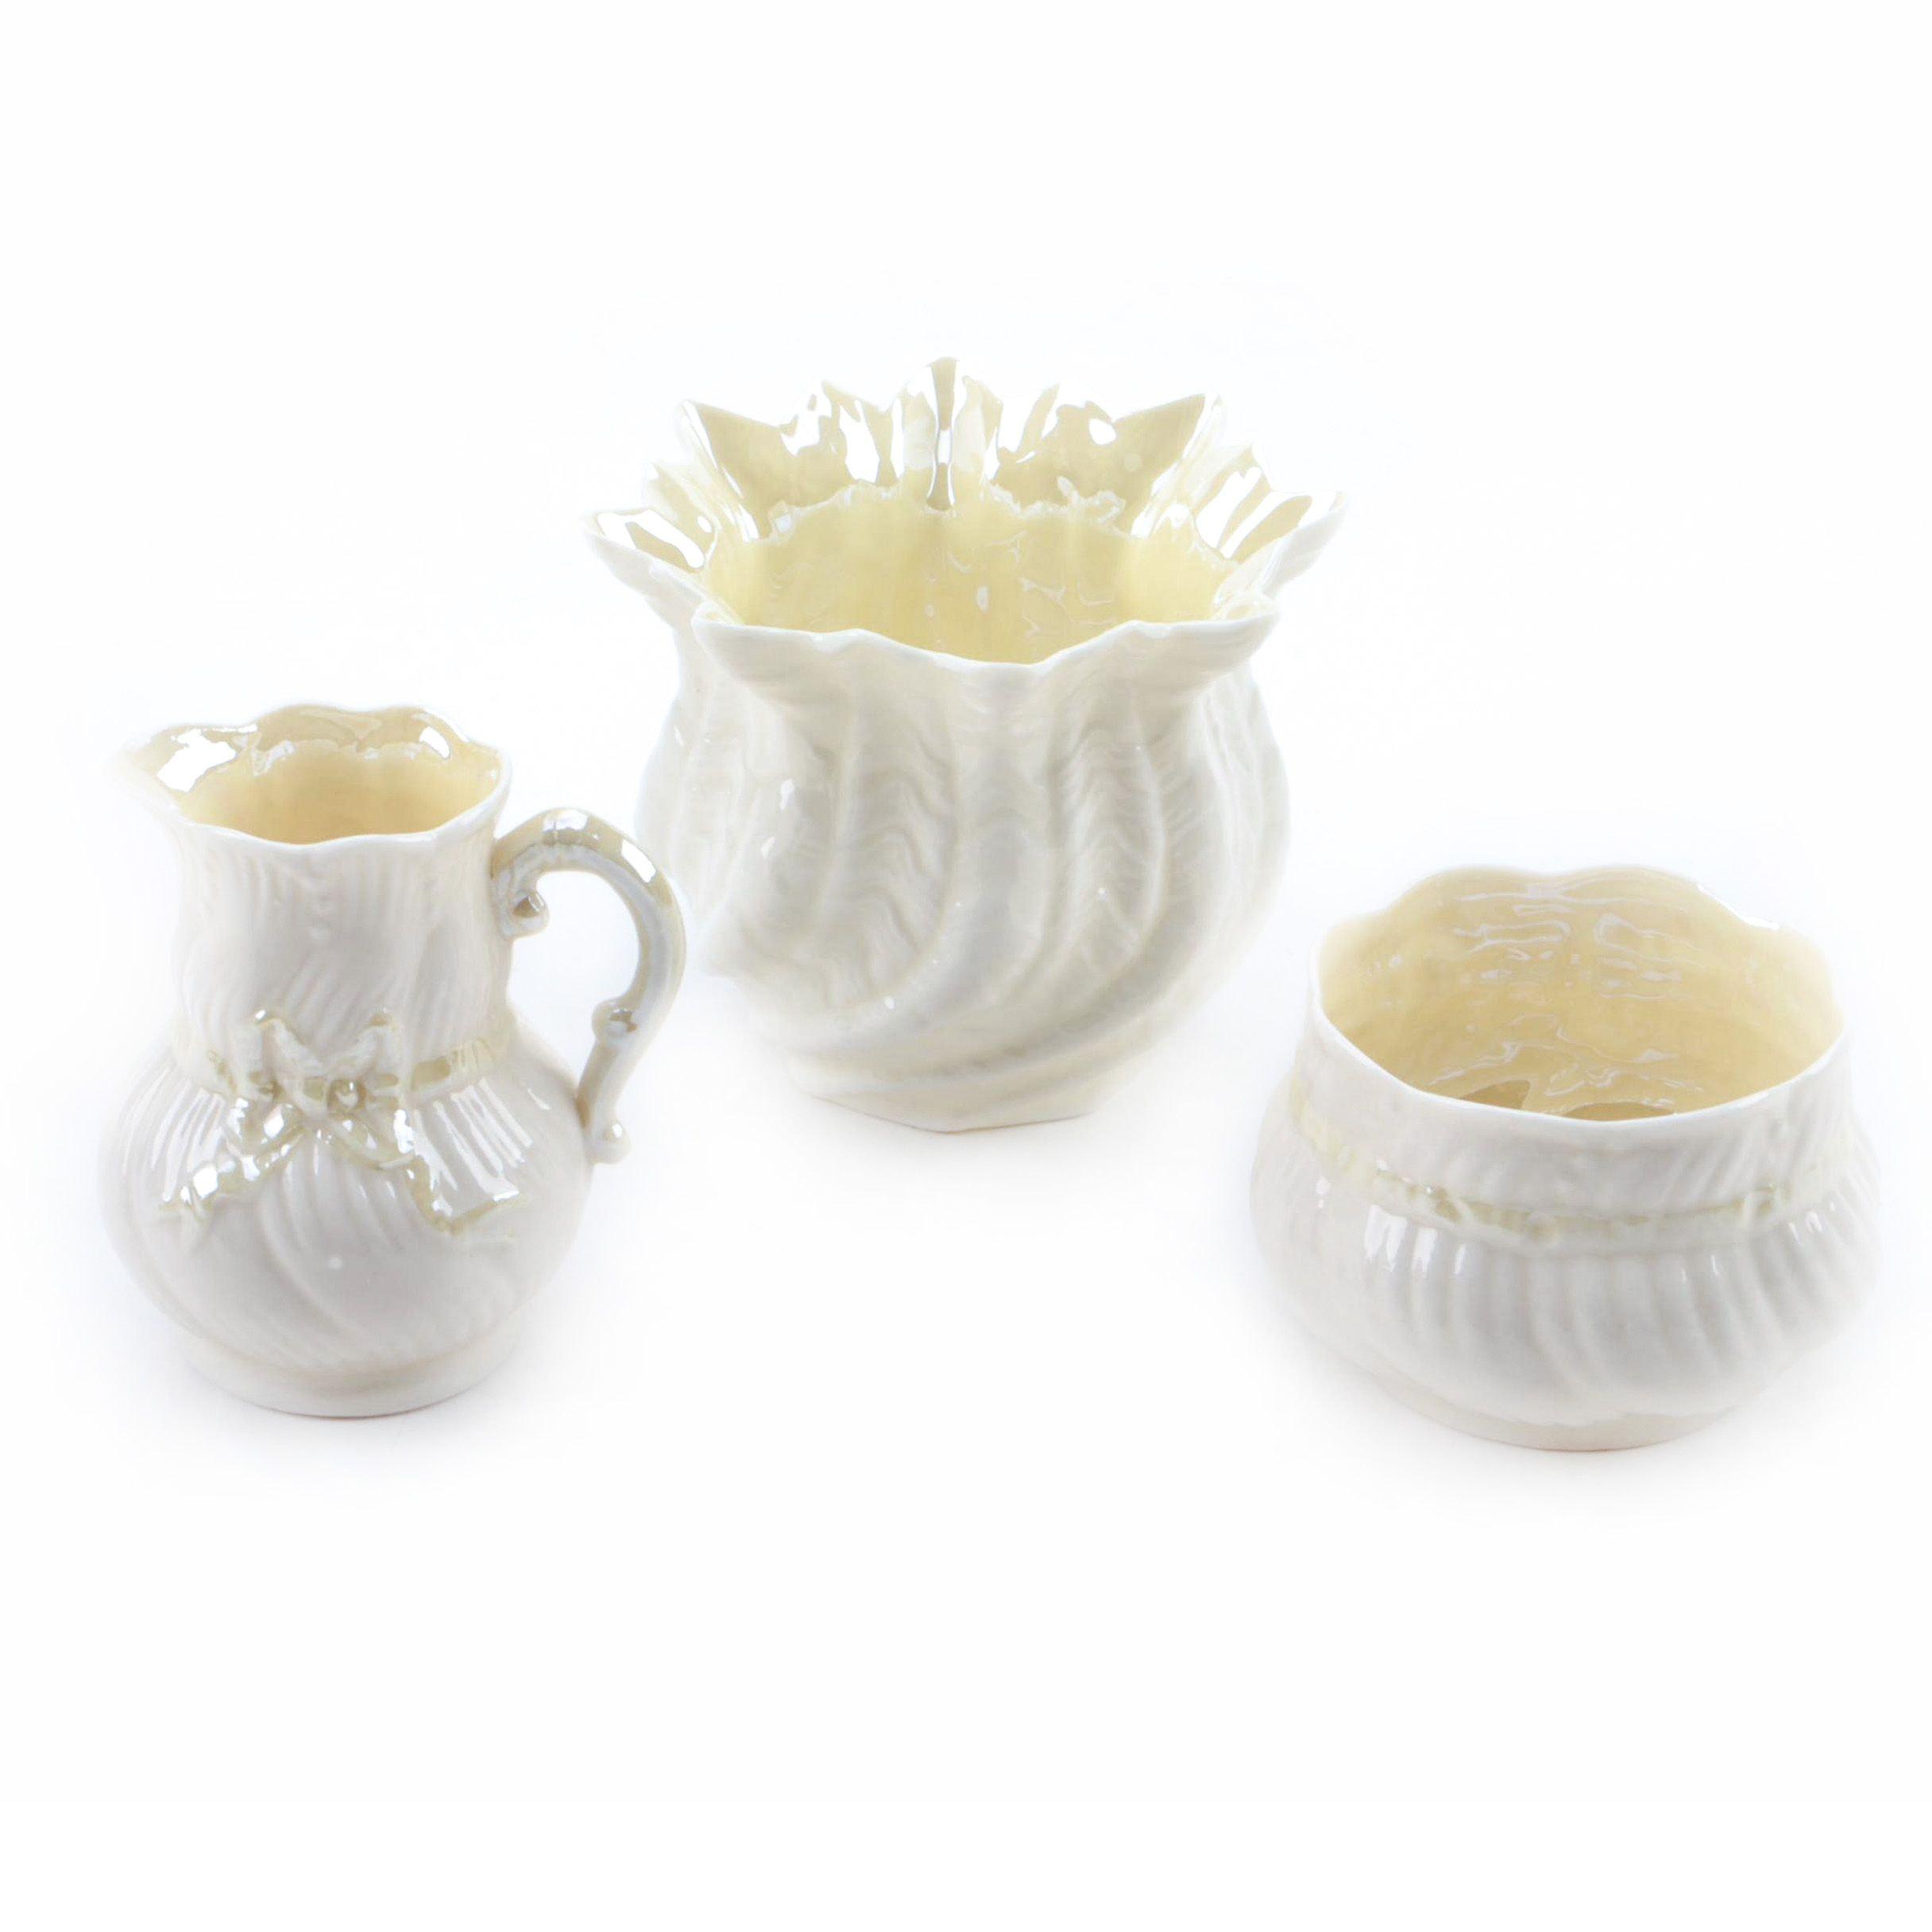 Vintage Belleek Bone China Tableware and Vase